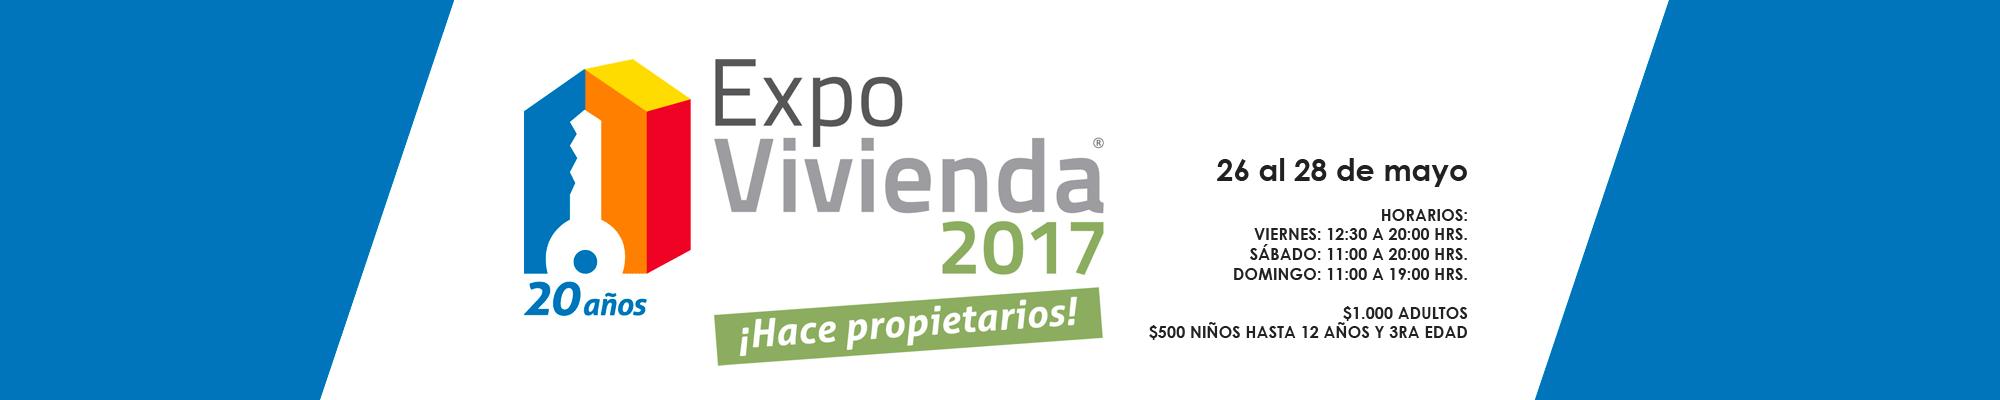 ExpoVivienda 2017